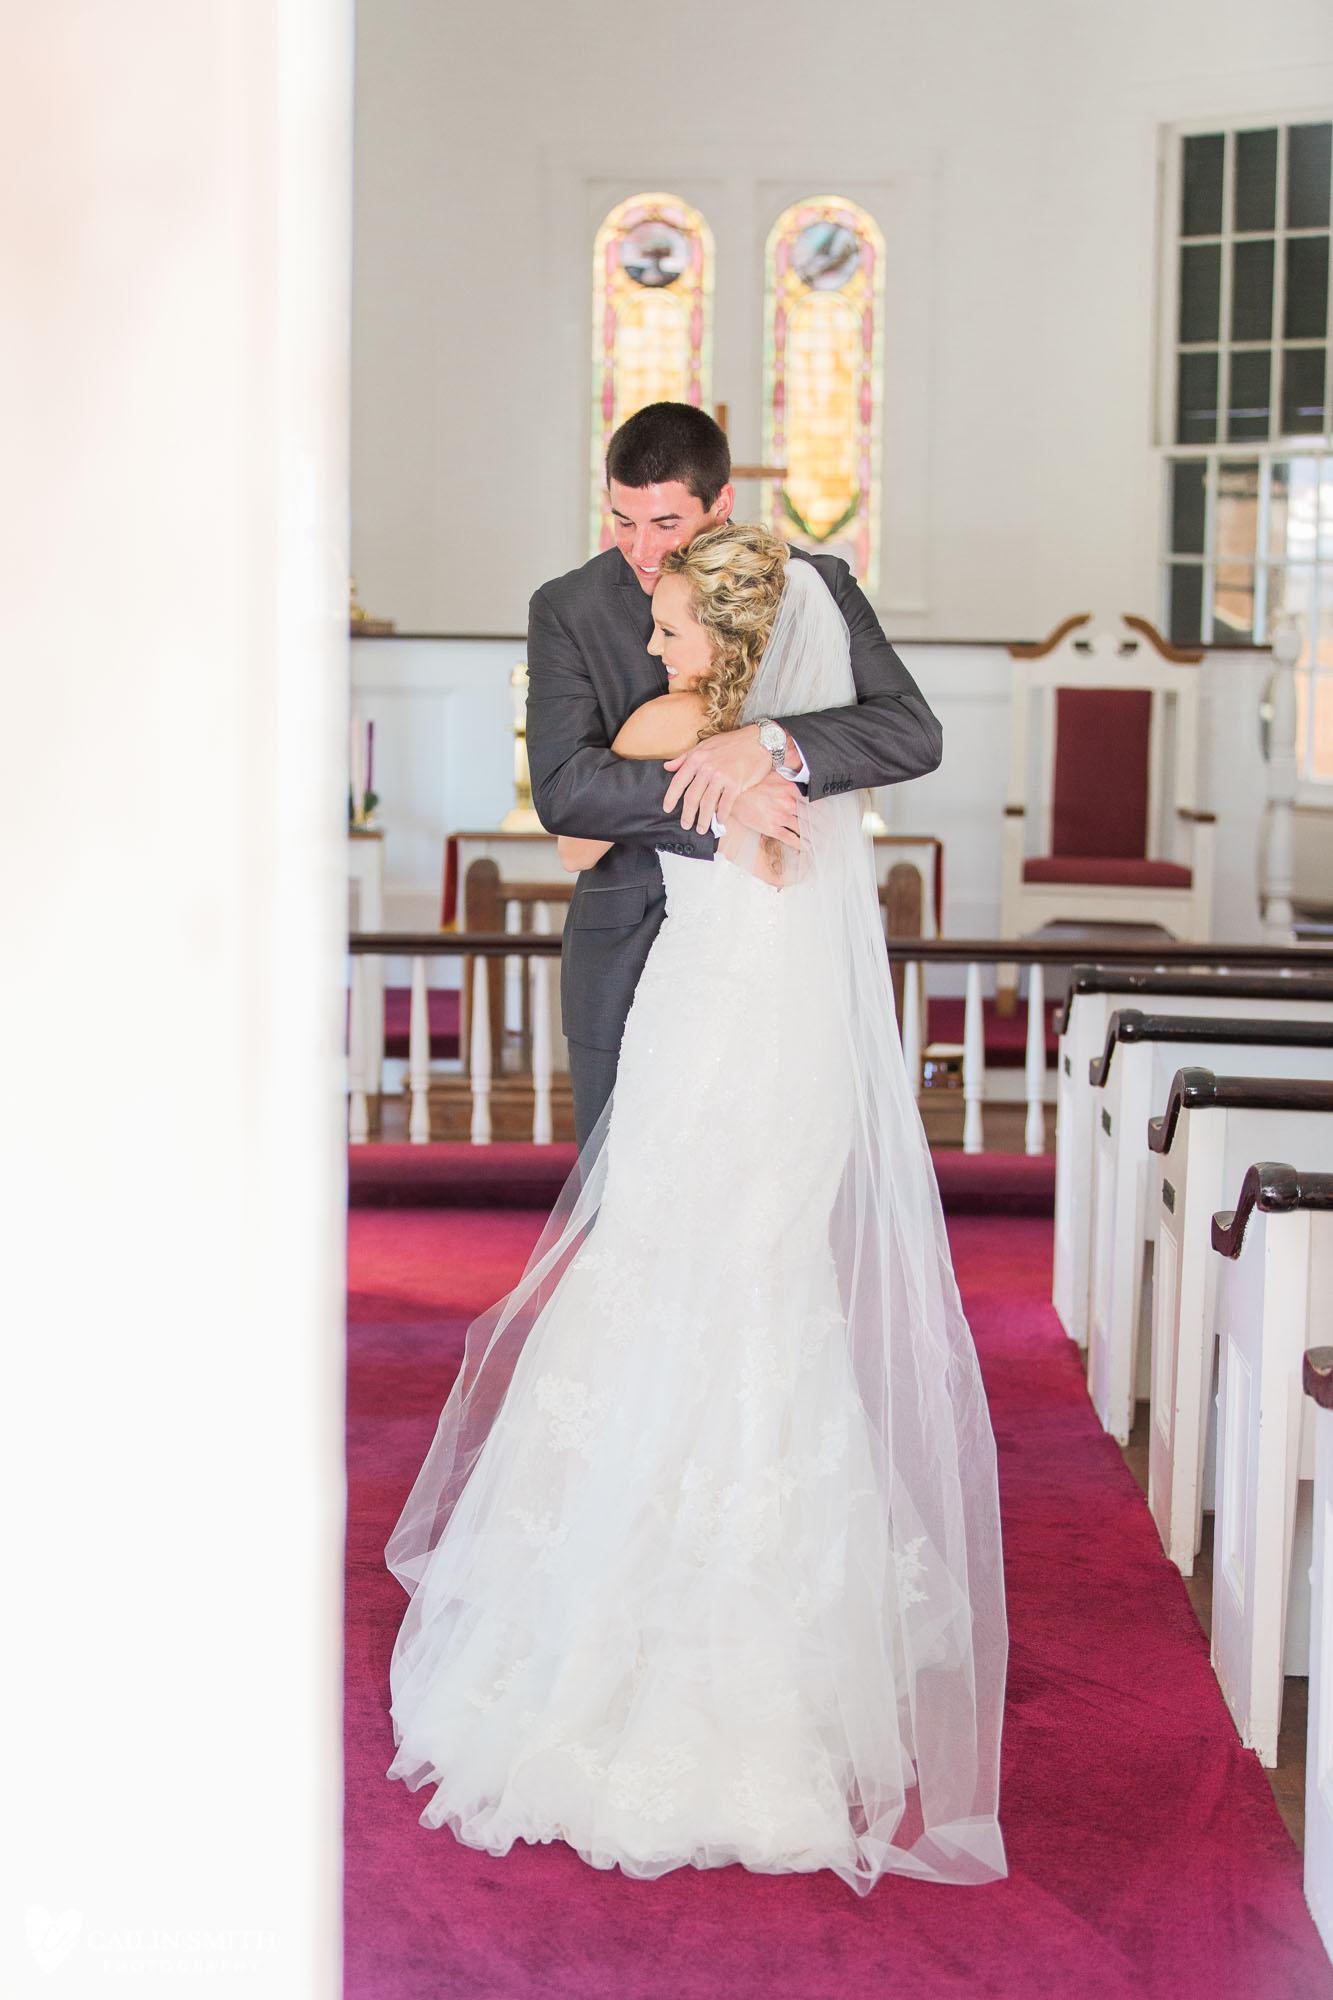 Leah_Major_St_Marys_Wedding_Photography_031.jpg